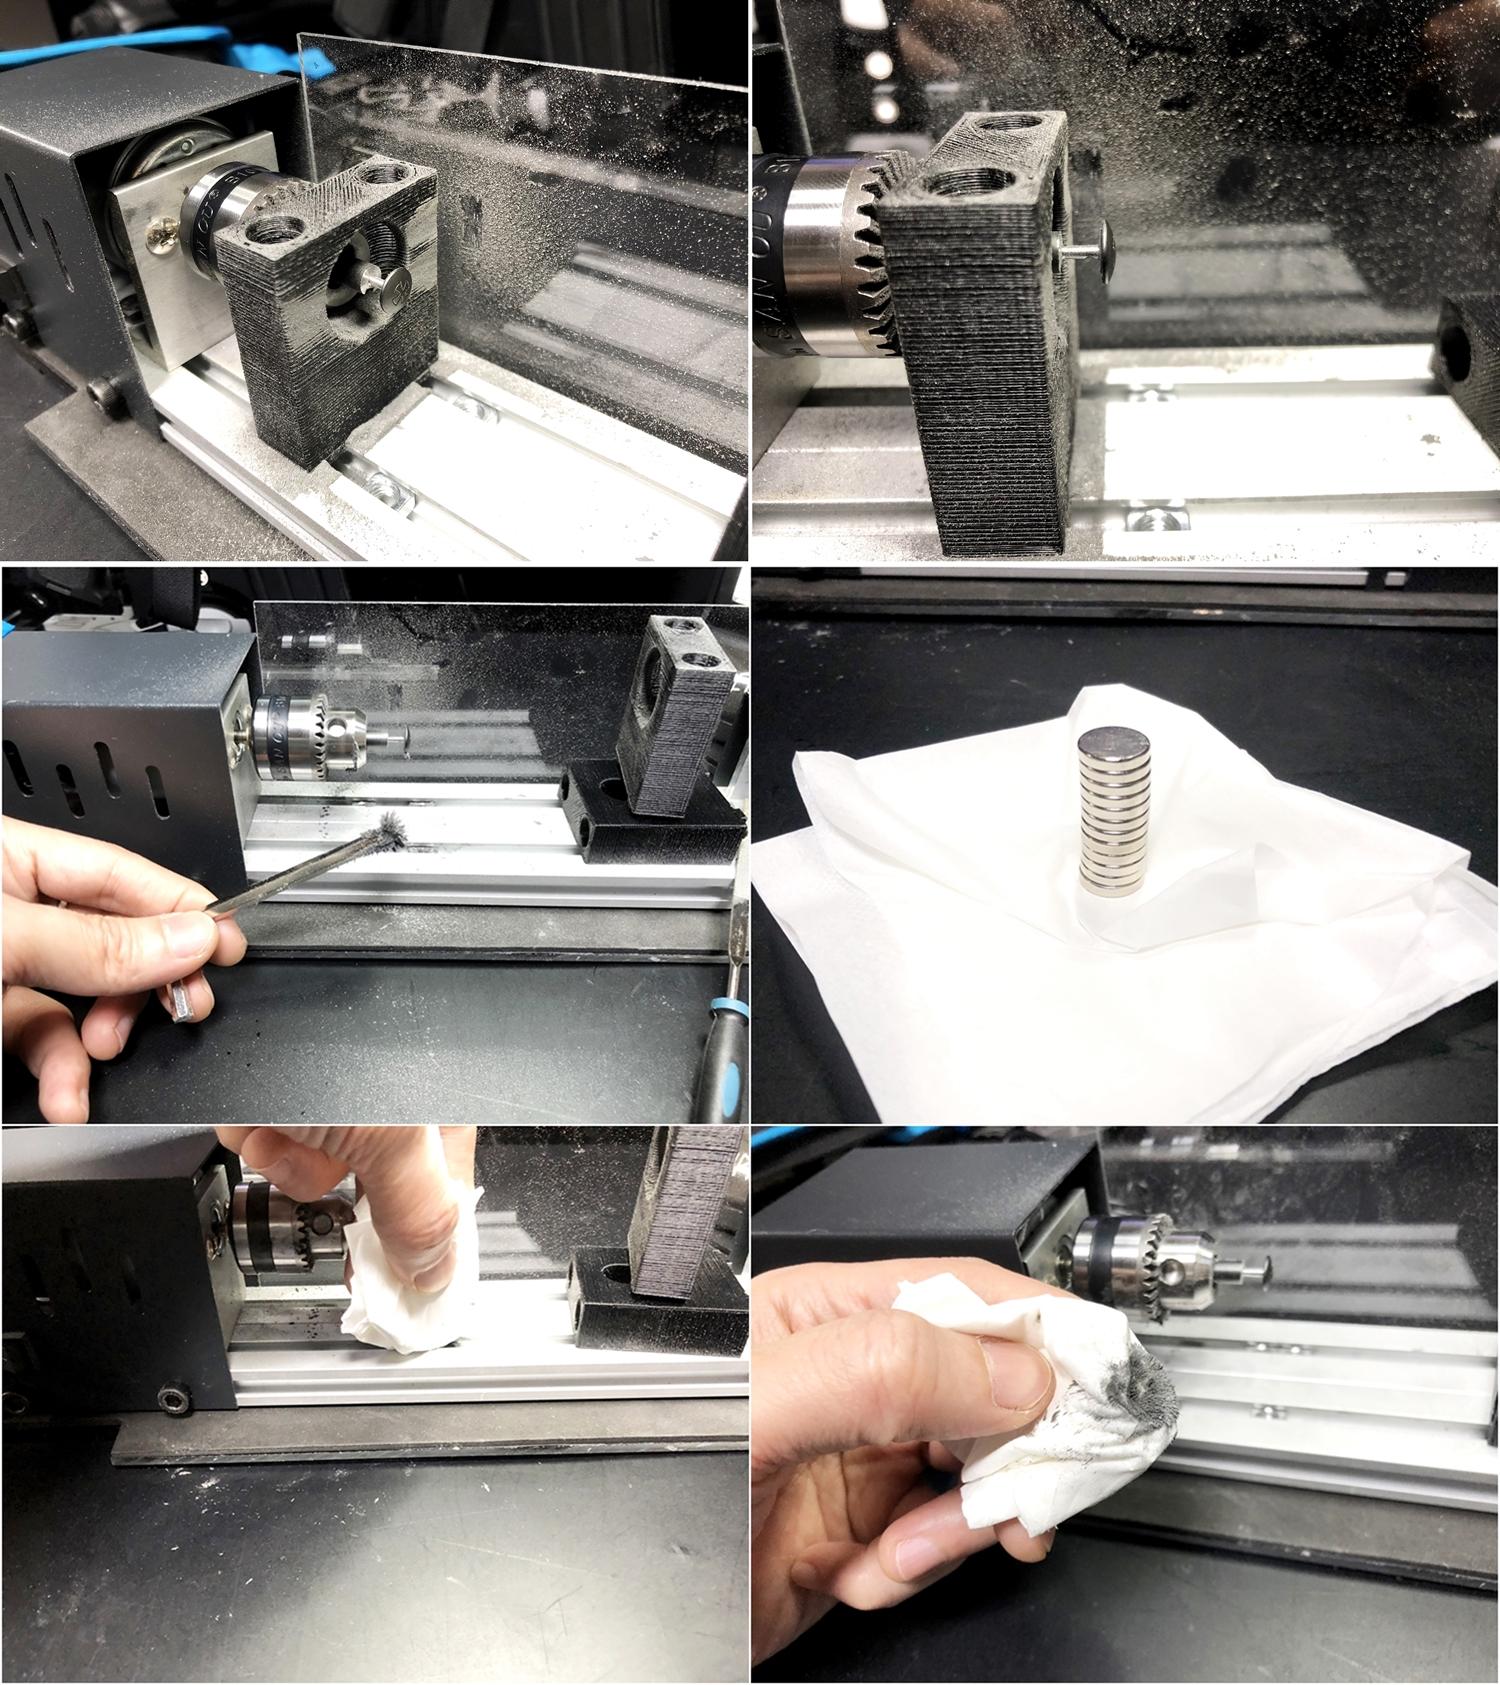 12 実物 NOVESKE AR-15 TAKEDOWN & PIVOT STEEL PIN!! 実物ピンを次世代M4へ対応させるべく簡易的DIY加工だ!ノベスケ ノベスキー スチール テイクダウン ピポッドピン! DIY 加工 カスタム 簡易的 旋盤加工 取付 レビ